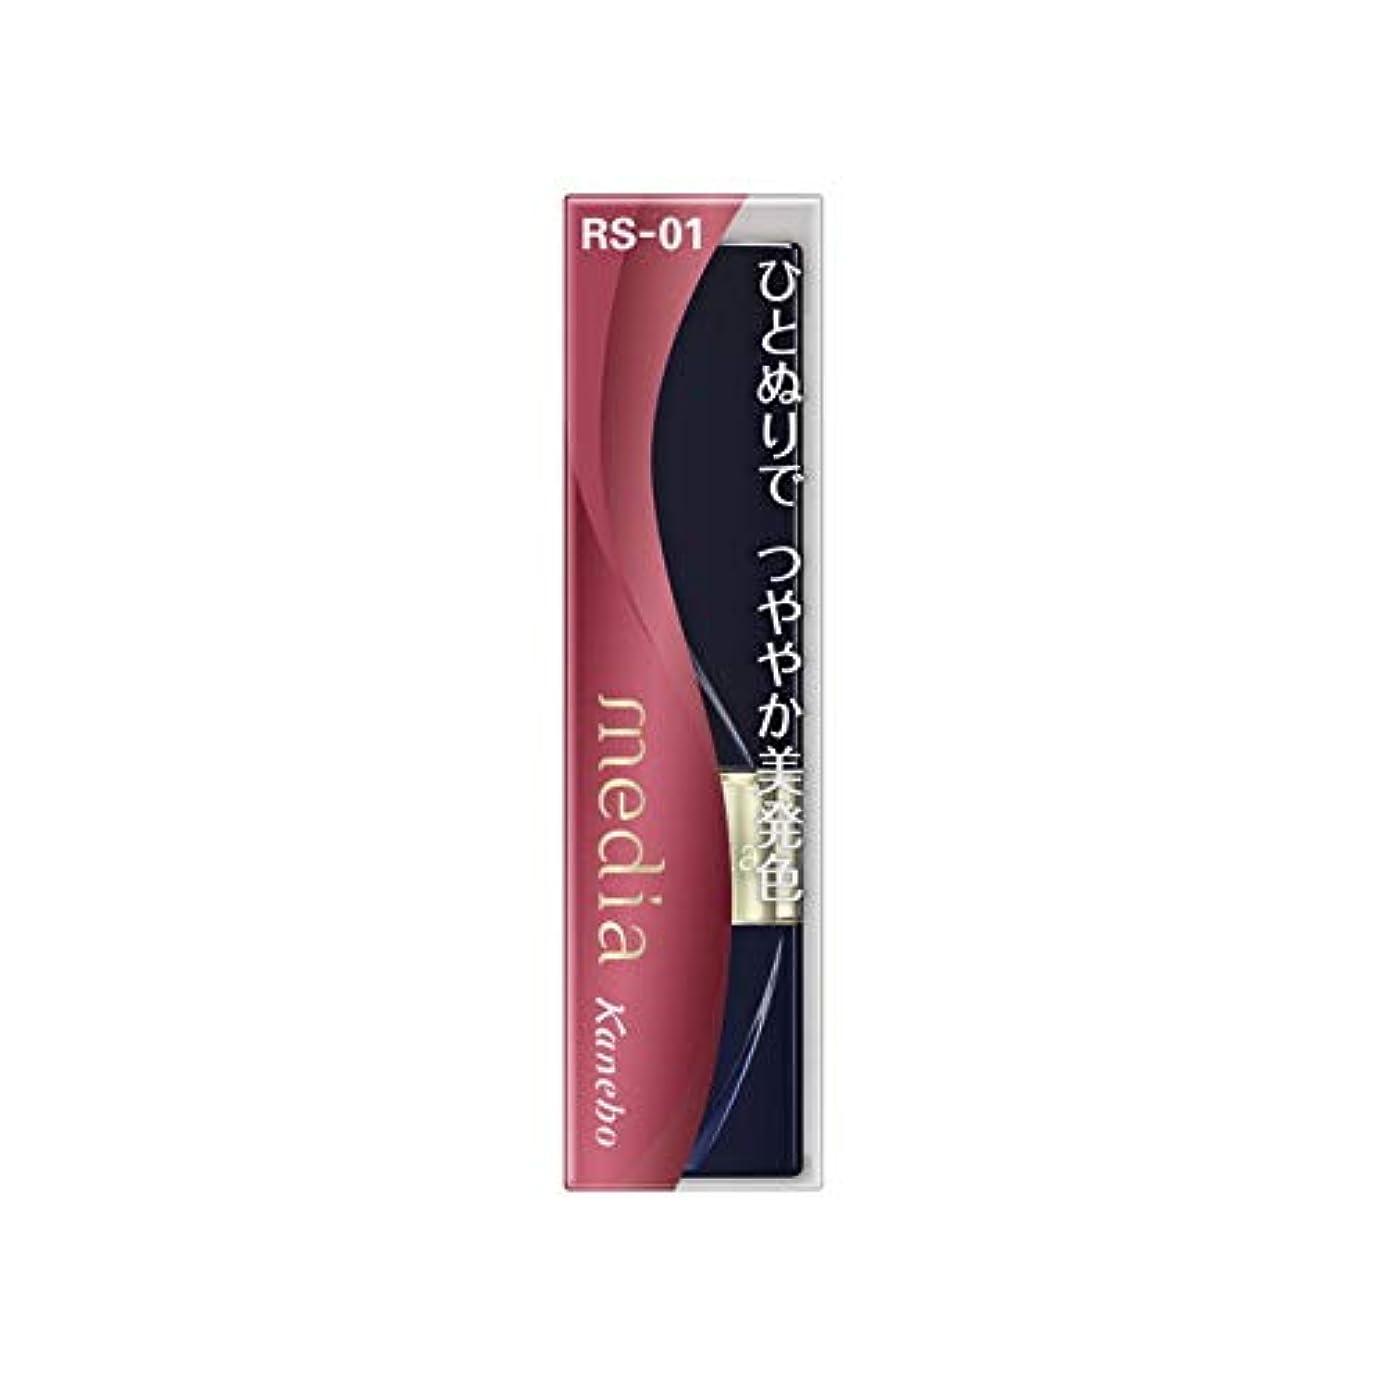 干し草バイアス宣伝カネボウ メディア ブライトアップルージュ RS-01(3.1g)